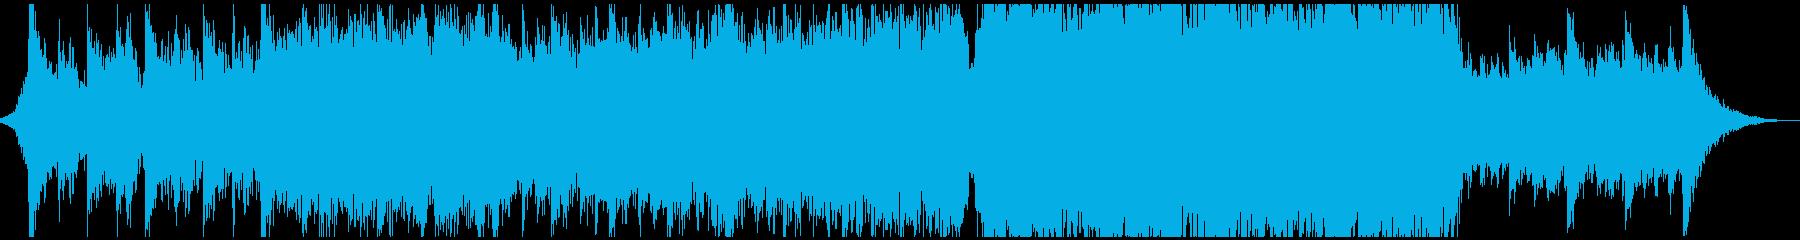 現代的 交響曲 ドラマチック 荘厳...の再生済みの波形